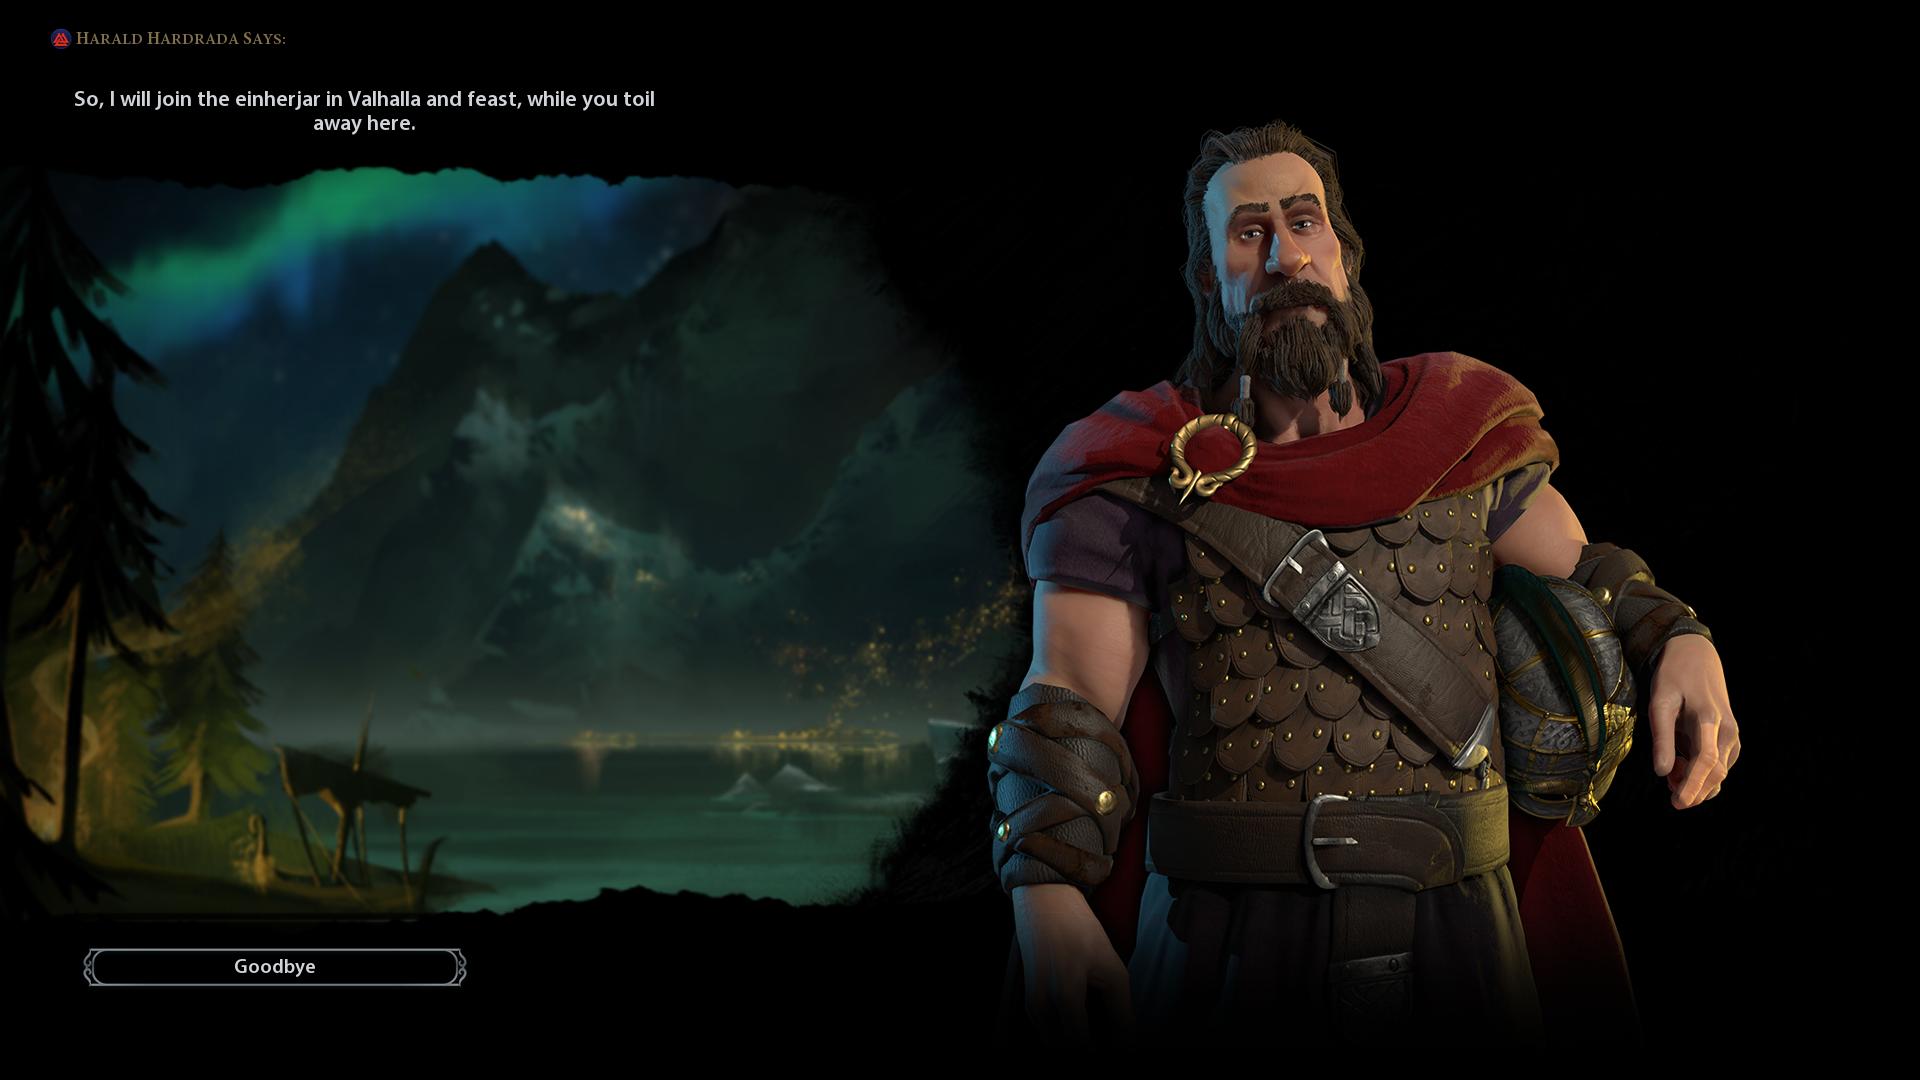 Sid Meier's Civilization VI (DX11) 7_15_2018 5_36_25 PM.png